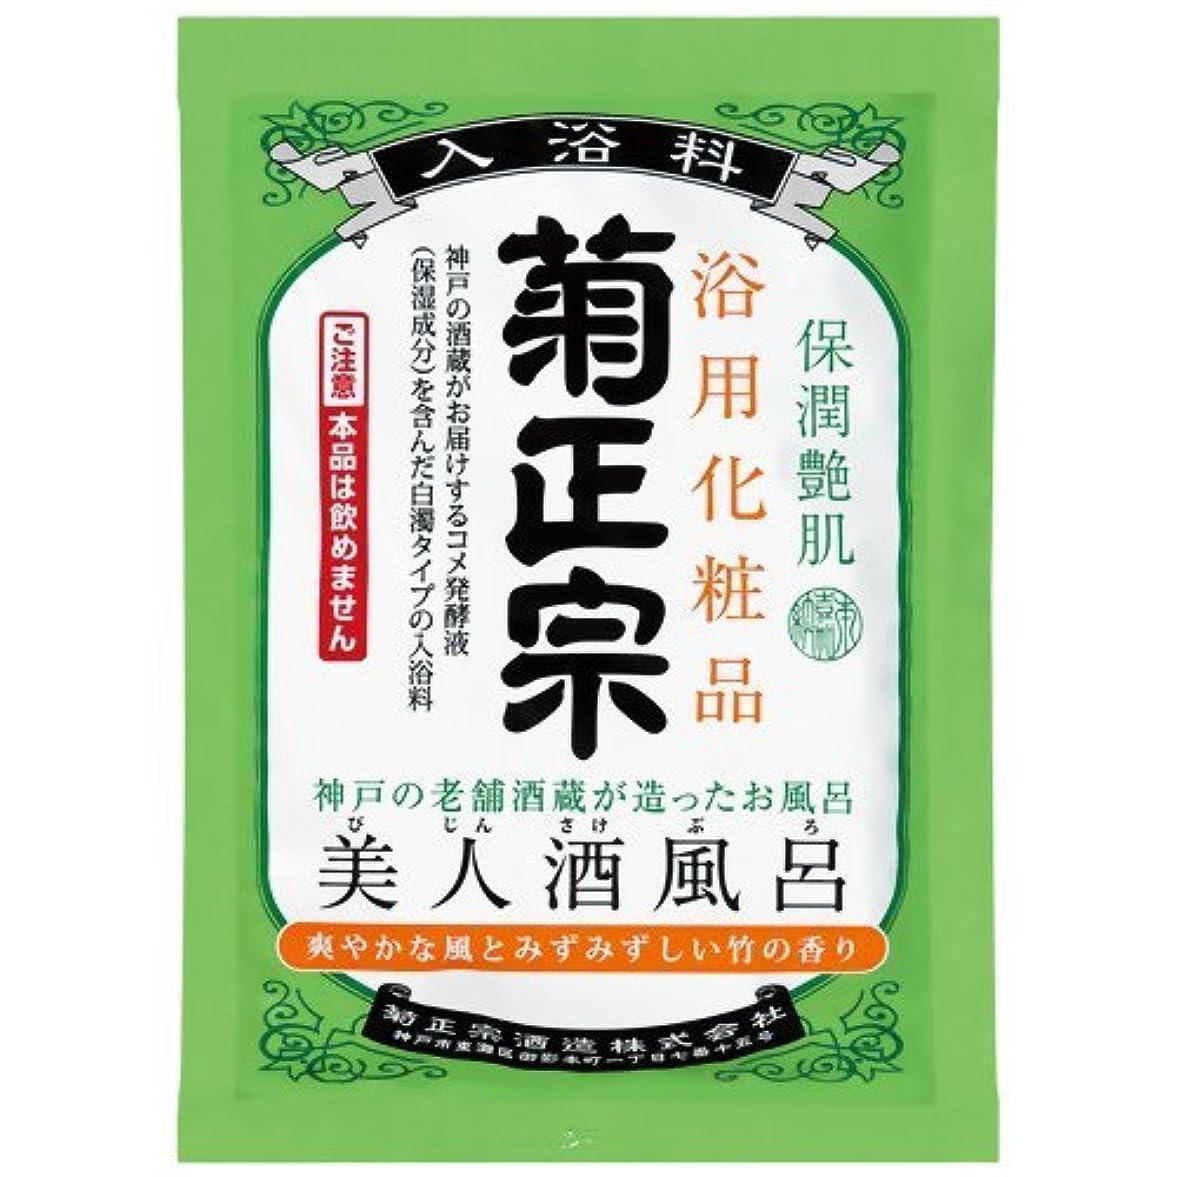 沈黙定期的なに変わる菊正宗 美人酒風呂 爽やかな風とみずみずしい竹の香り